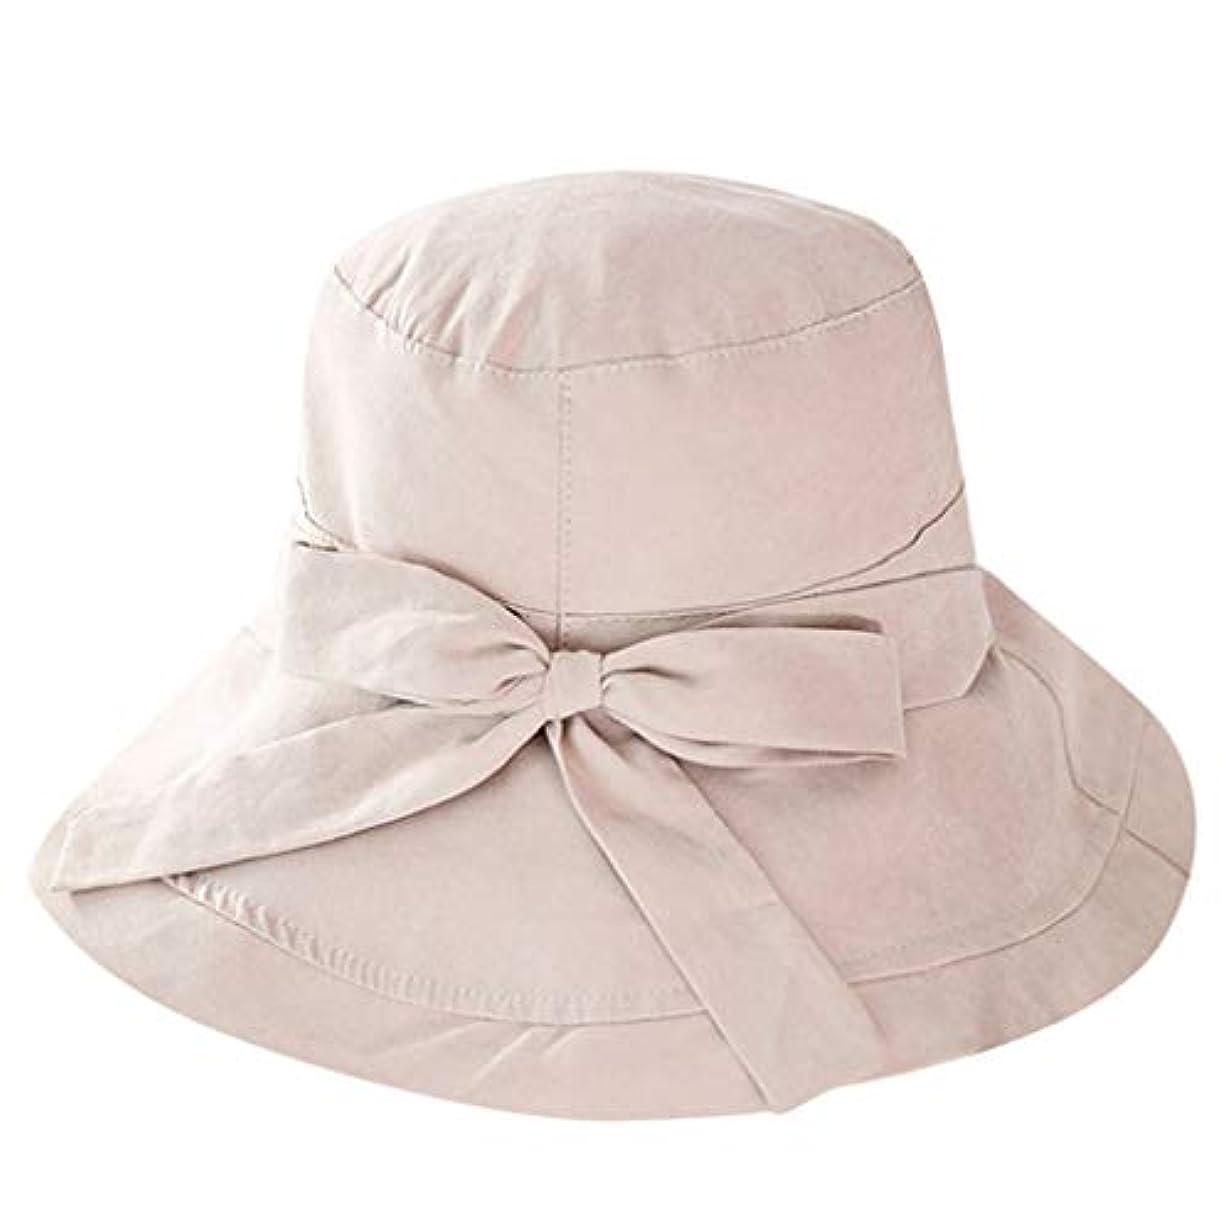 突進共和国有能な帽子 レディース 夏 綿 つば広い おしゃれ シンプル カジュアル UVカット 帽子 ハット レディース おしゃれ 可愛い 夏 小顔効果 折りたたみ サイズ調節可 蝶結び 森ガール オールシーズン ROSE ROMAN